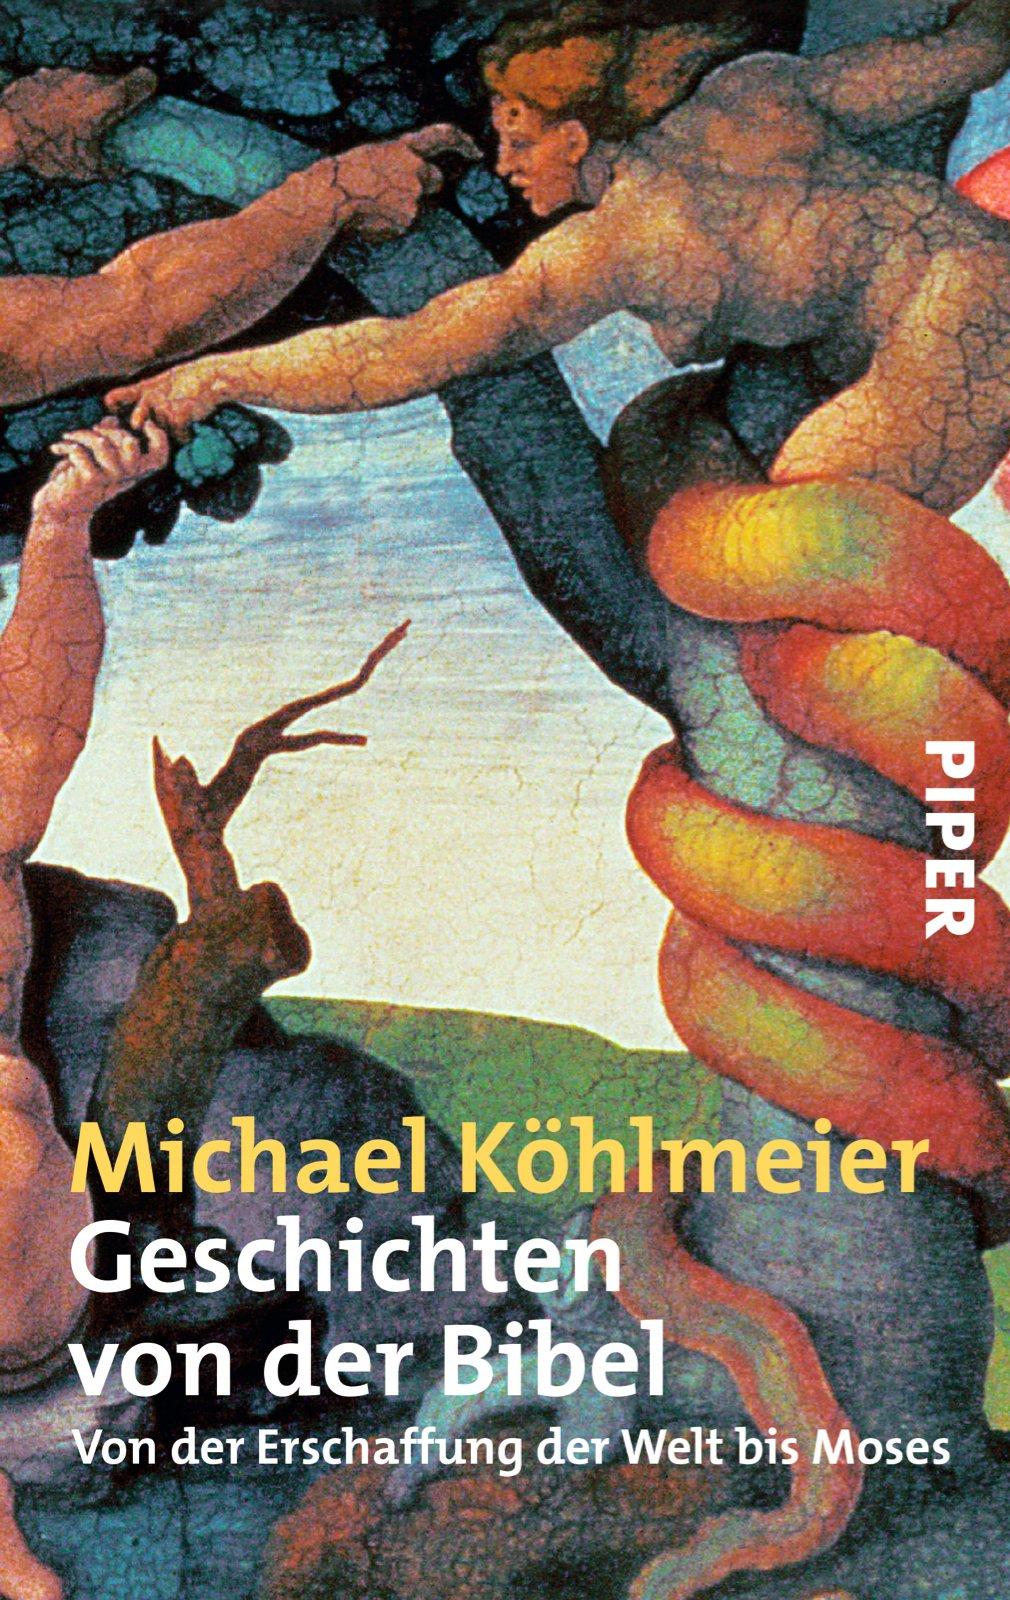 Geschichten von der Bibel: Von der Erschaffung der Welt bis Moses Taschenbuch – 1. November 2004 Michael Köhlmeier Piper Taschenbuch 3492242758 FICTION / General